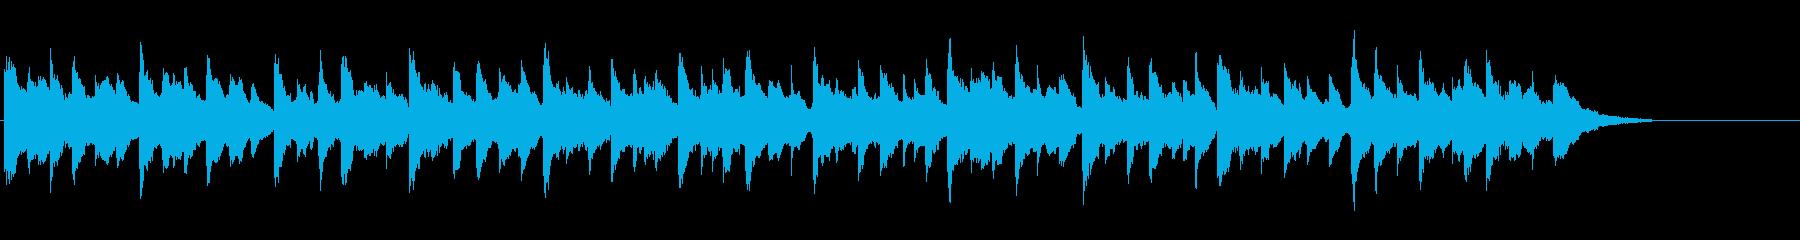 クリスマス曲「きよしこの夜」オルゴールの再生済みの波形